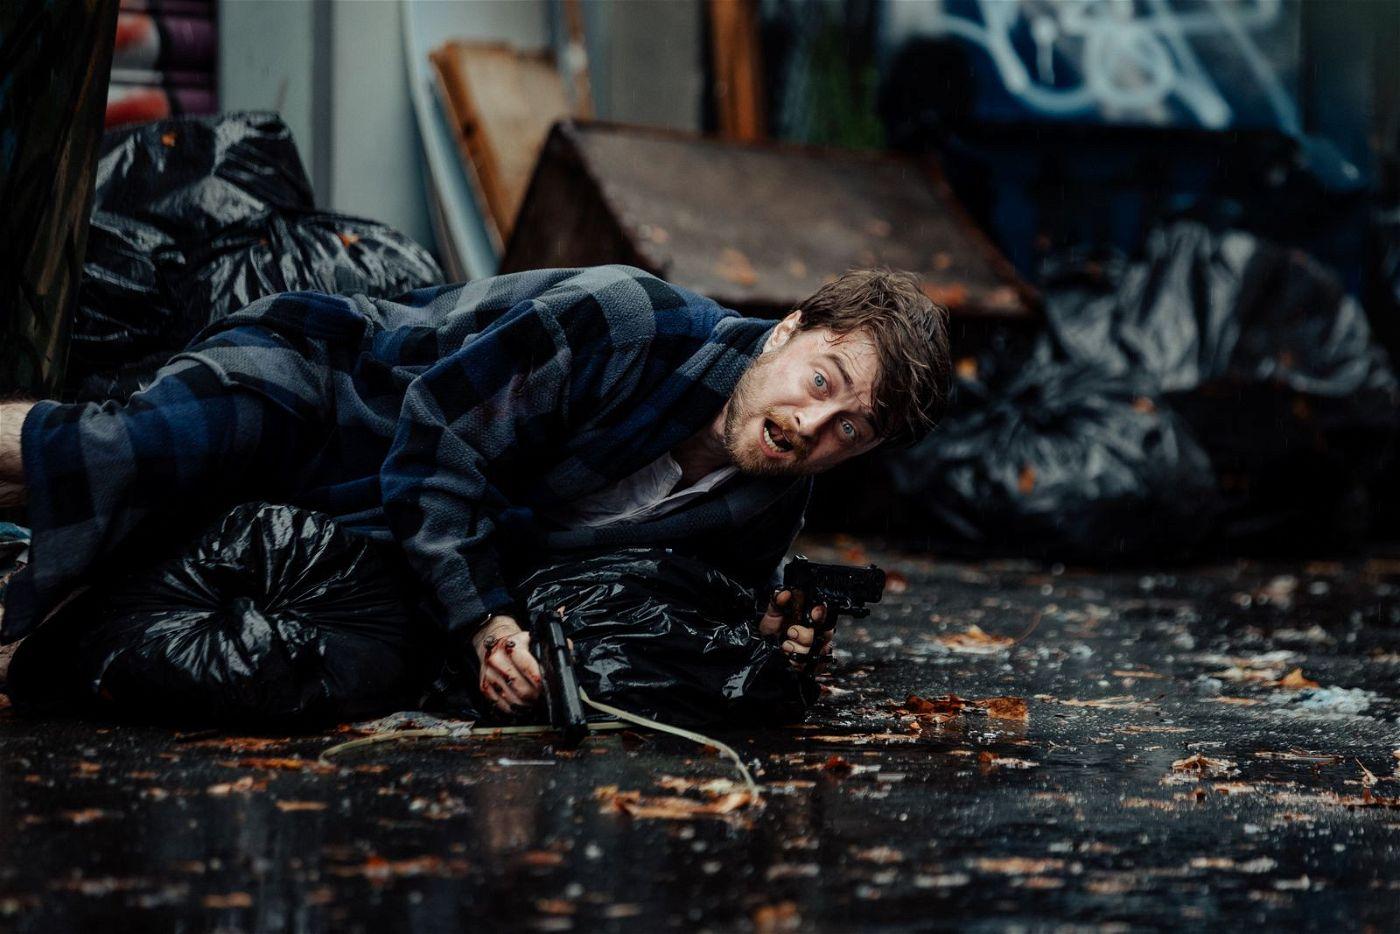 Miles' (Daniel Radcliffe) erste Reaktion auf einen Angriff: wegrennen und sich verstecken!